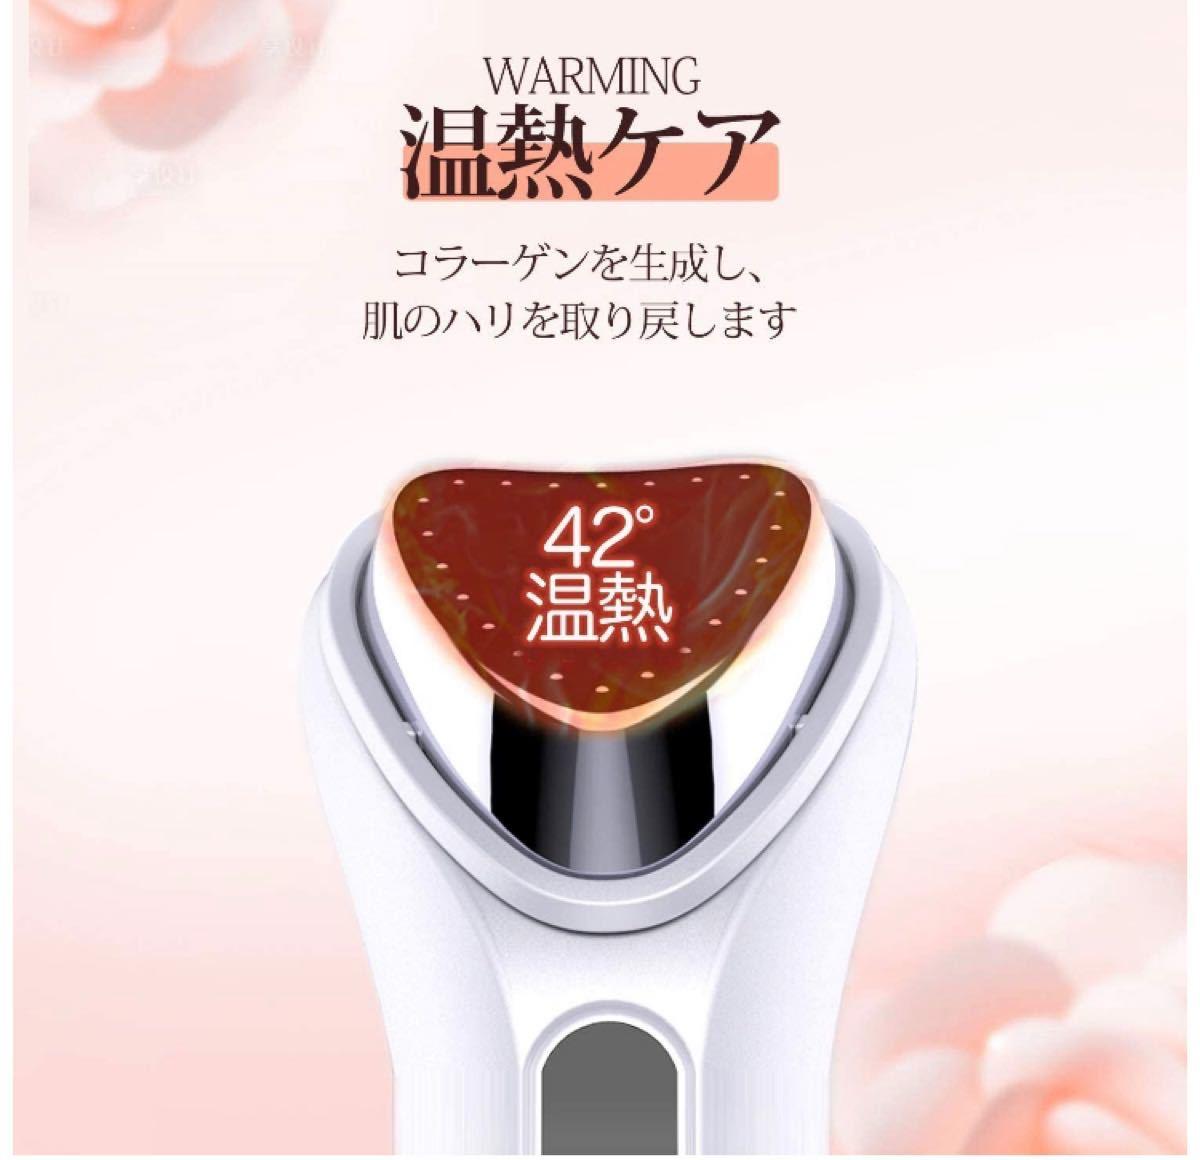 値下げセール中! 美顔器 超音波 イオン導入・導出 温熱美容器